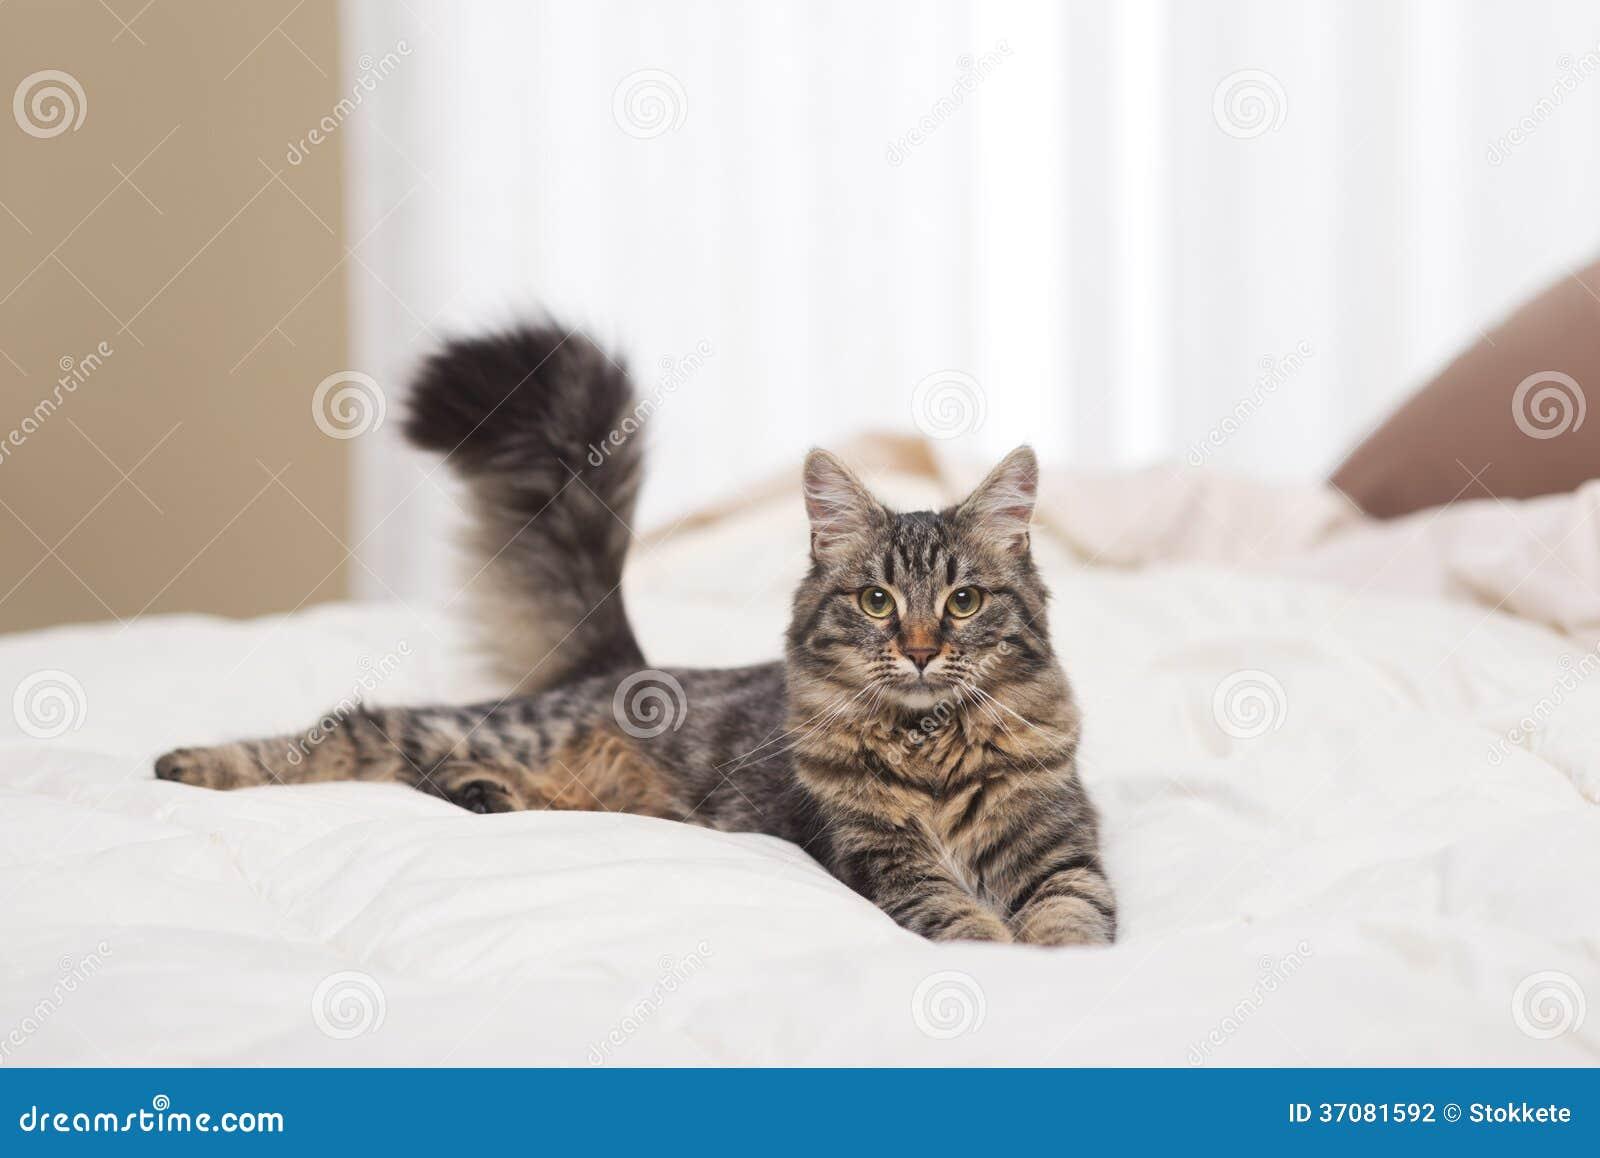 Download Kot zdjęcie stock. Obraz złożonej z kopia, figlarka, pościel - 37081592